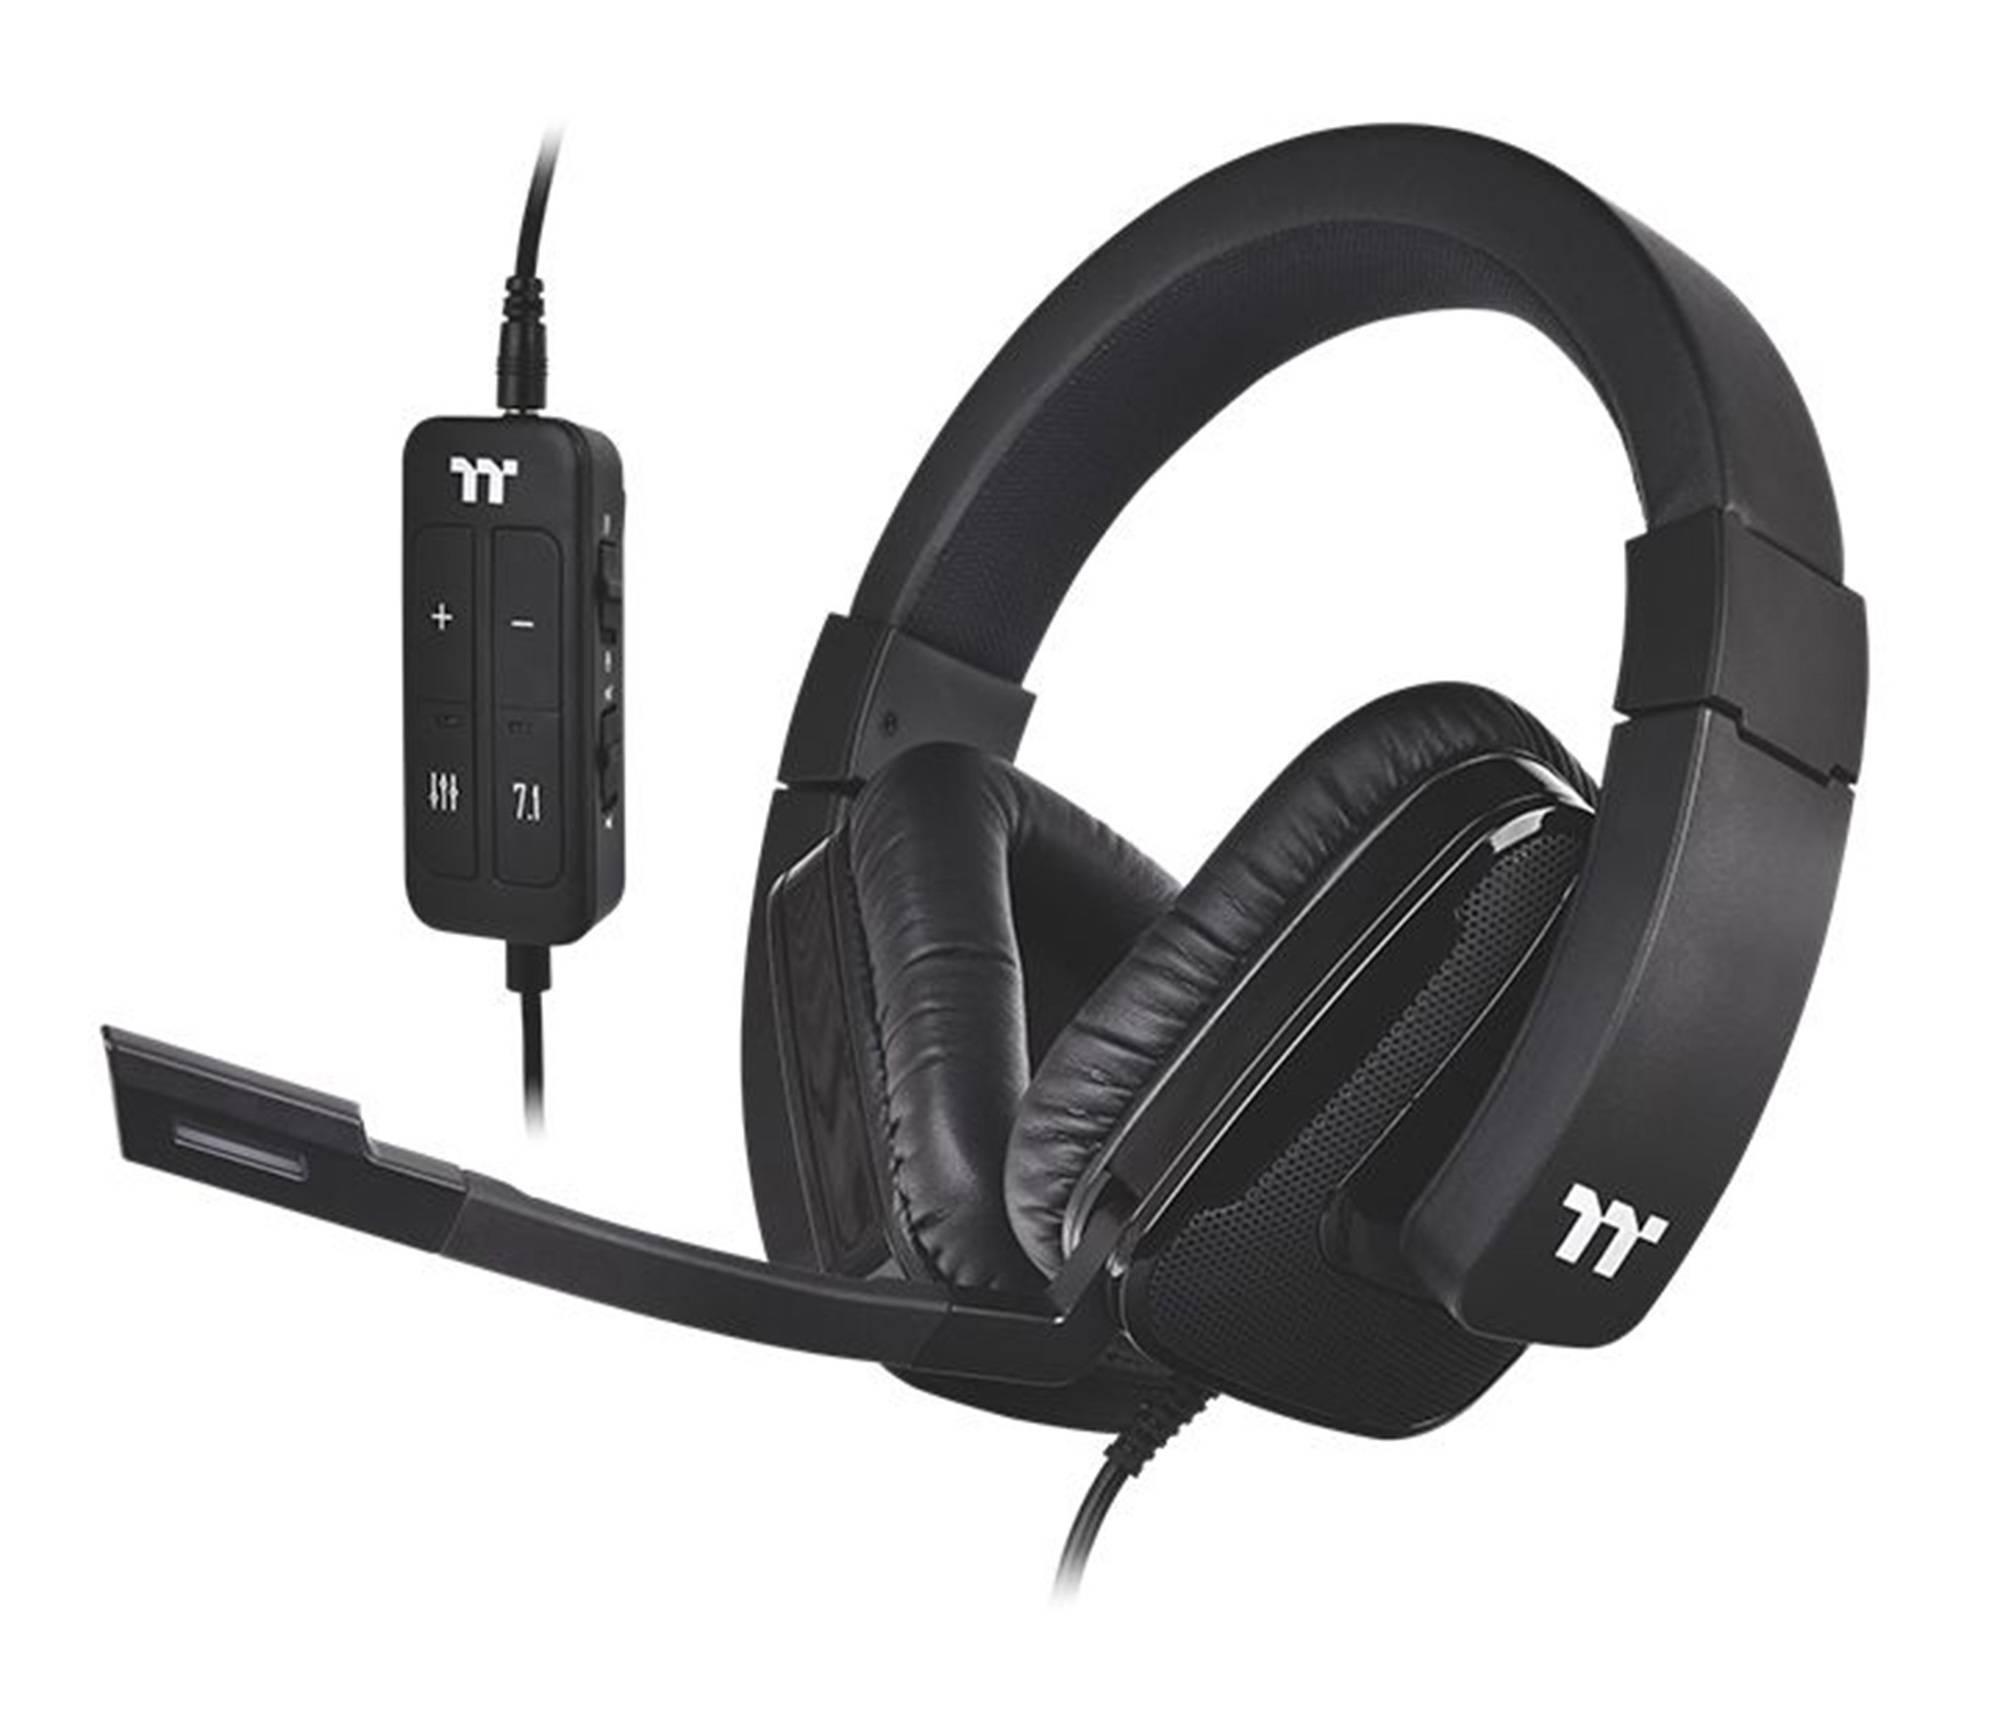 Наушники с микрофоном Thermaltake Shock XT 7.1 черный (GHT-SHX-DIECBK-36) - фото 1